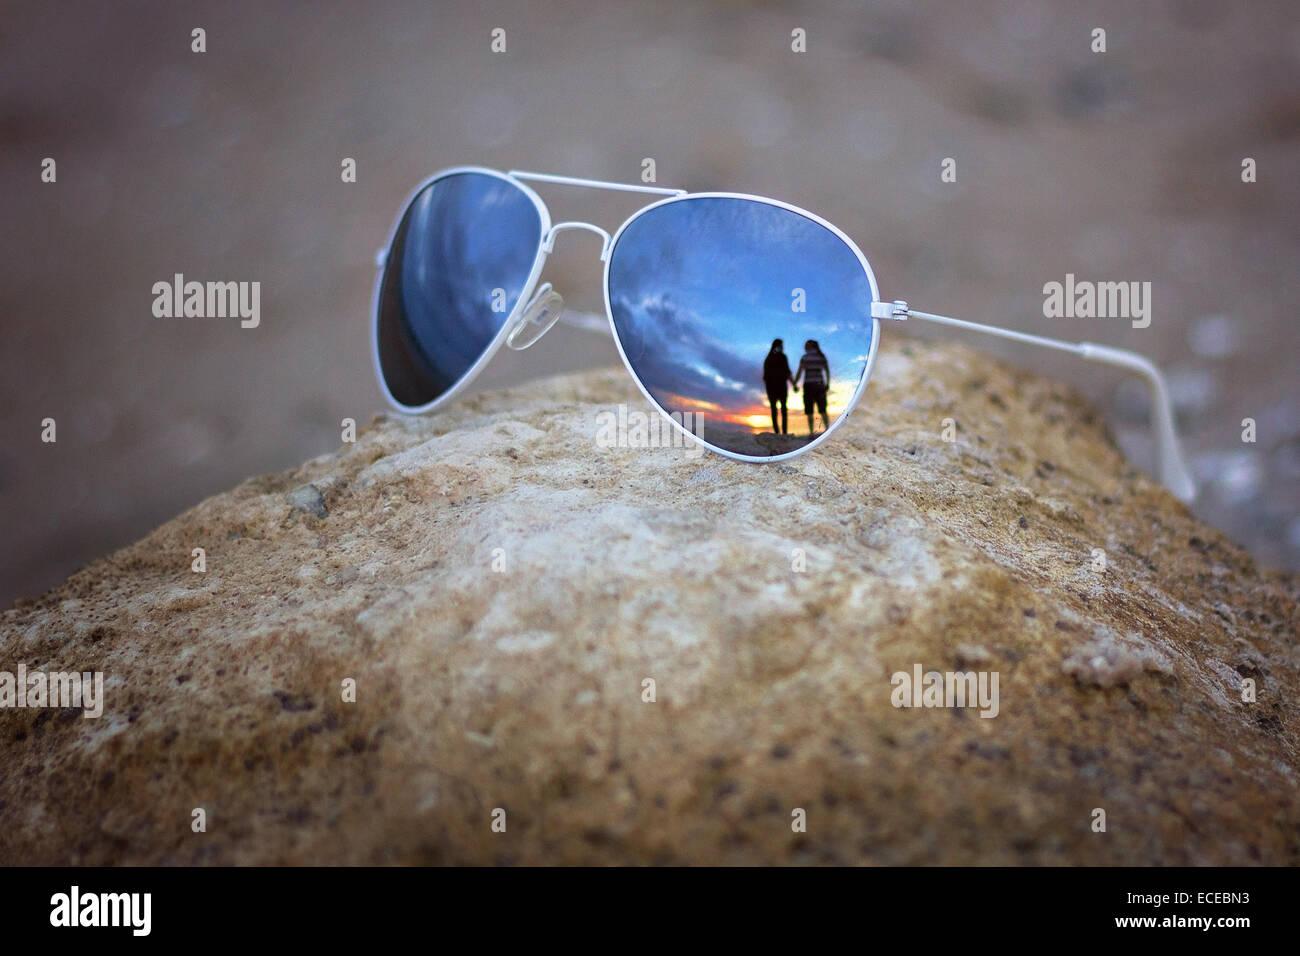 La reflexión de un par de gafas de sol Imagen De Stock